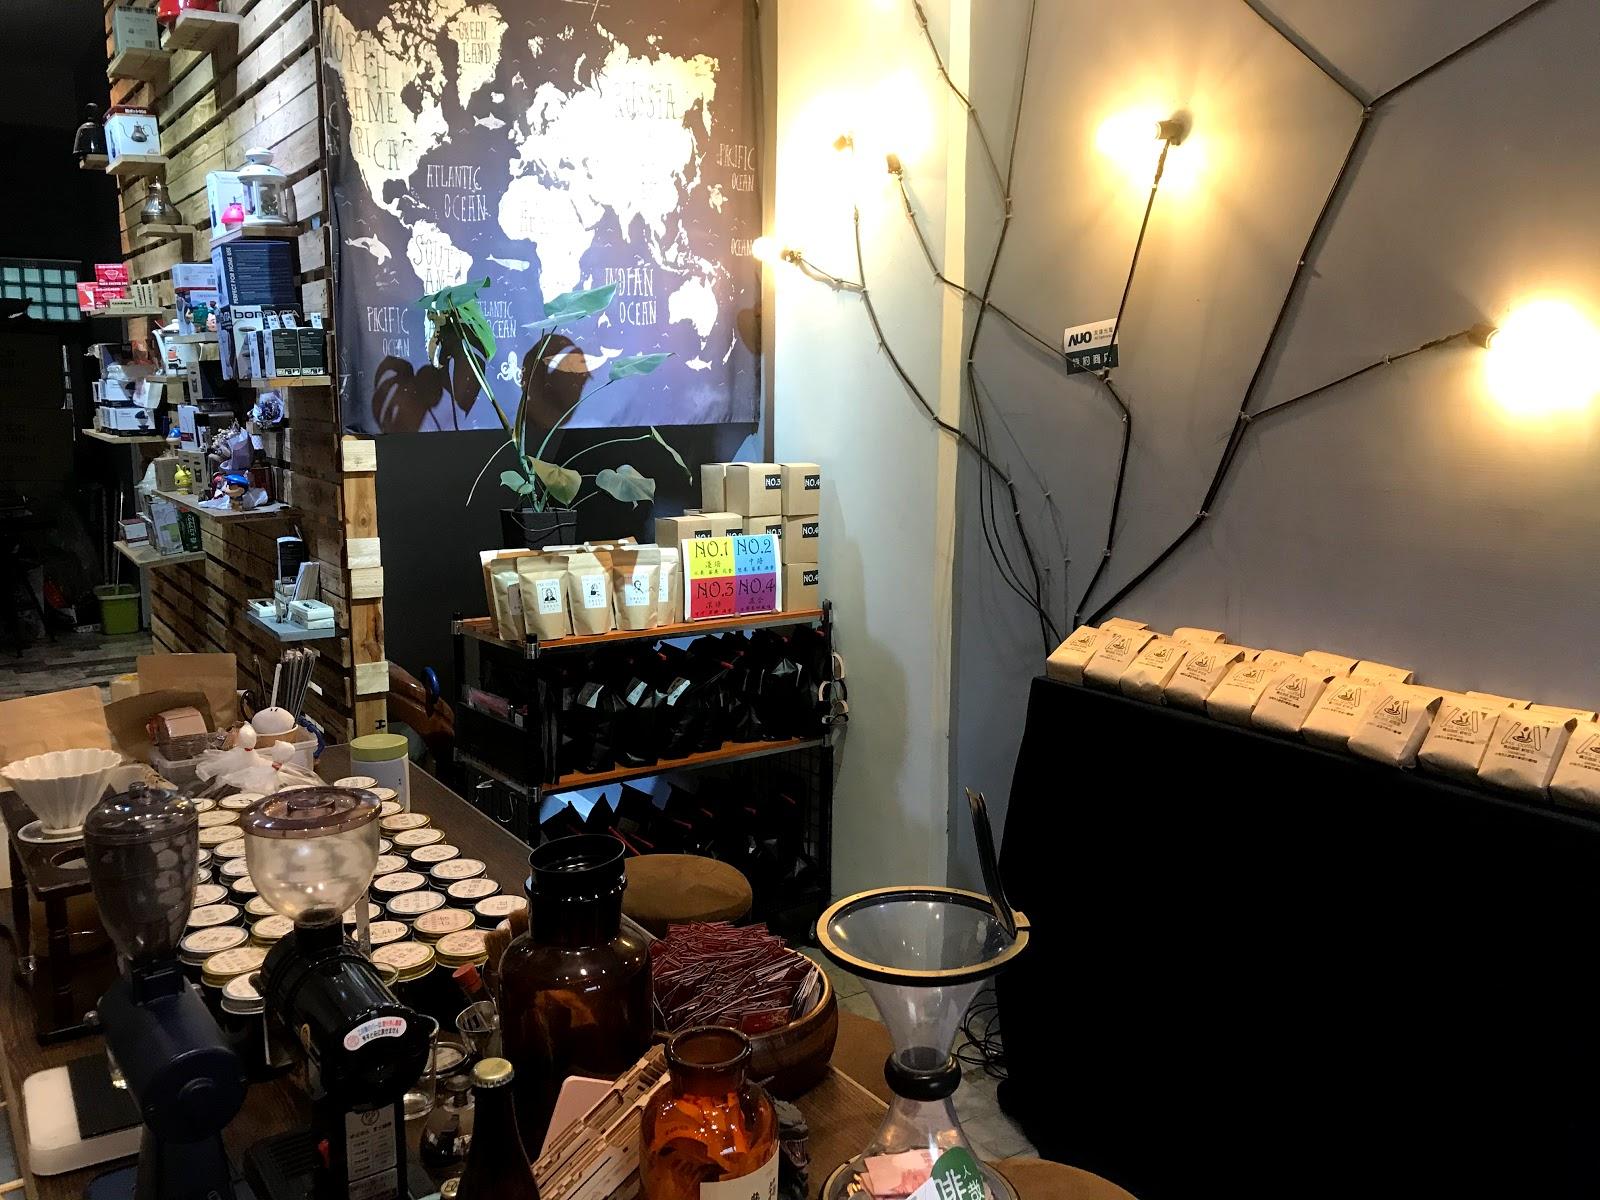 【台南|永康】Mix Coffee|專業又風趣咖啡職人|小店龜阿法Boy|讓人感受自在的好所在|自家烘豆的咖啡廳|手沖咖啡推薦